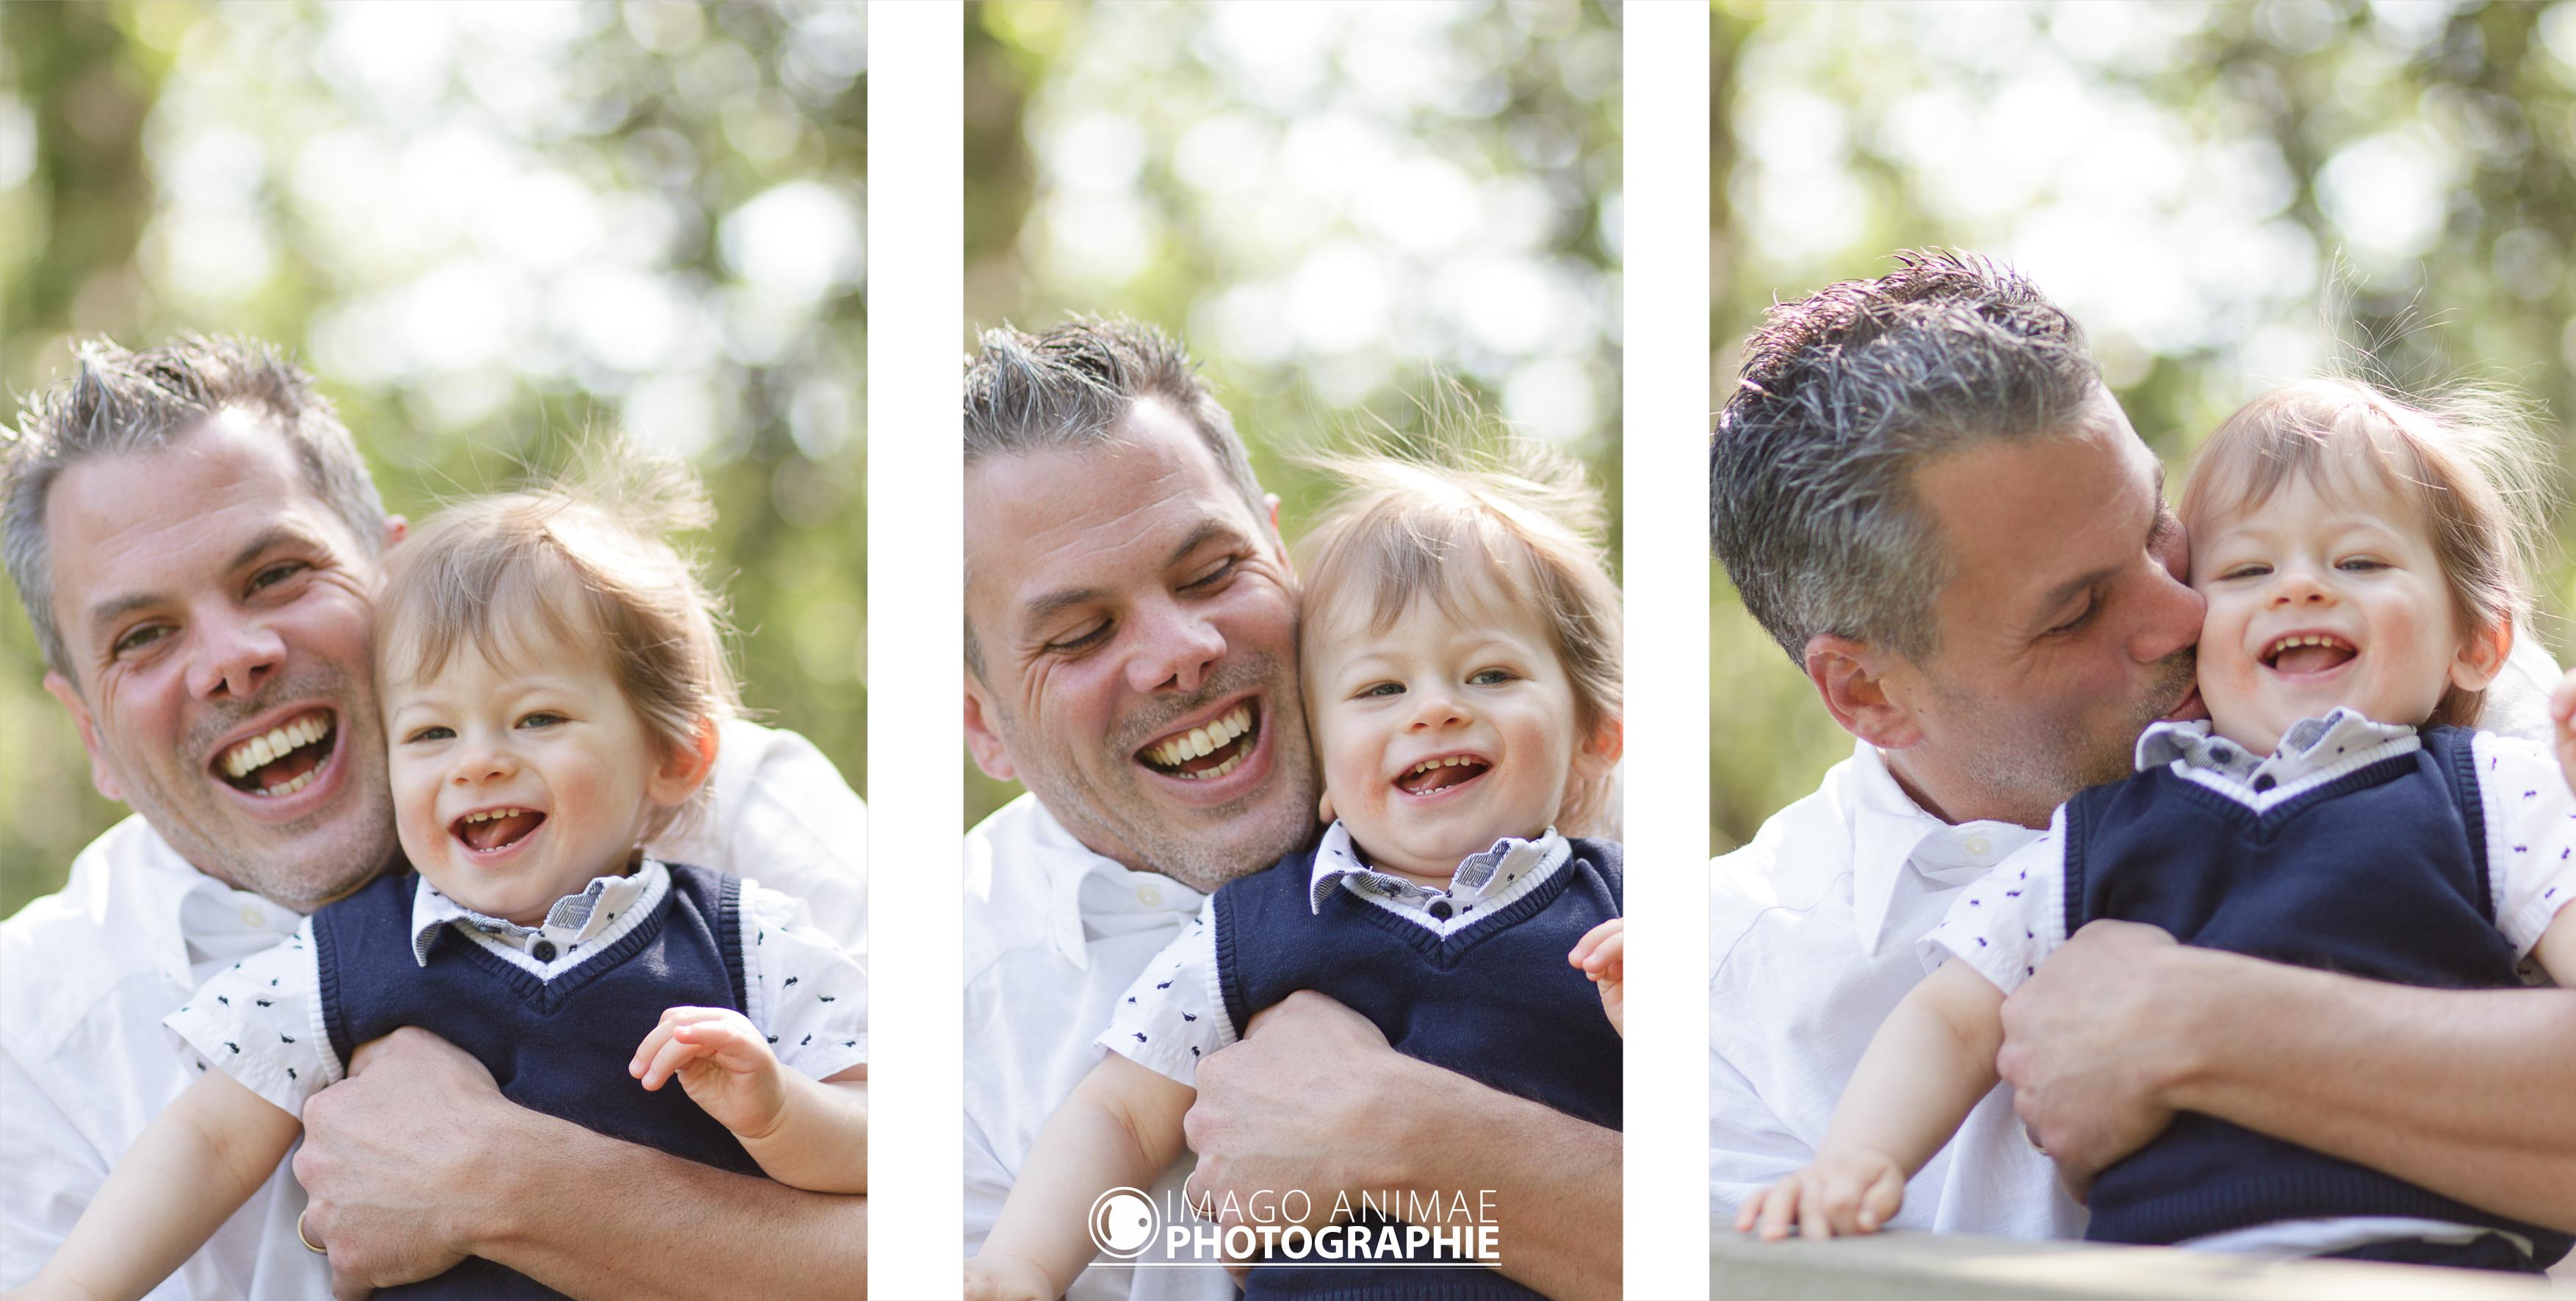 séance en famille à Eaunes - Aurélie & Nicolas - père et fils